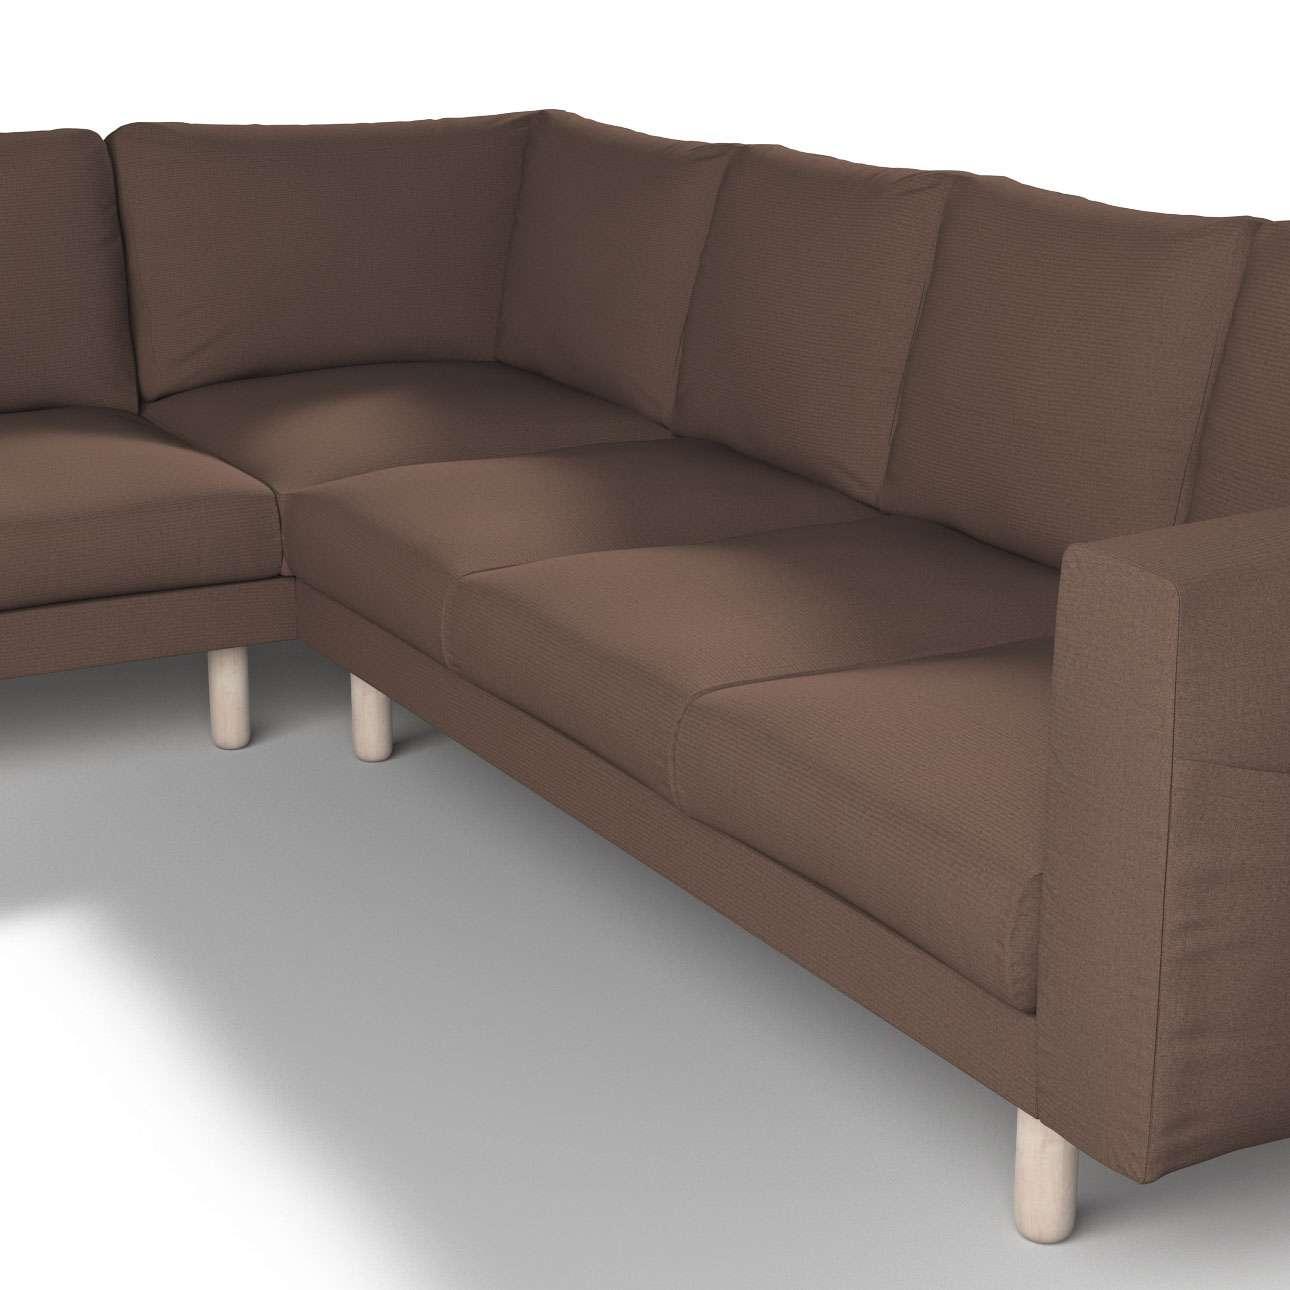 Pokrowiec na sofę narożną Norsborg 5-osobową w kolekcji Etna, tkanina: 705-08